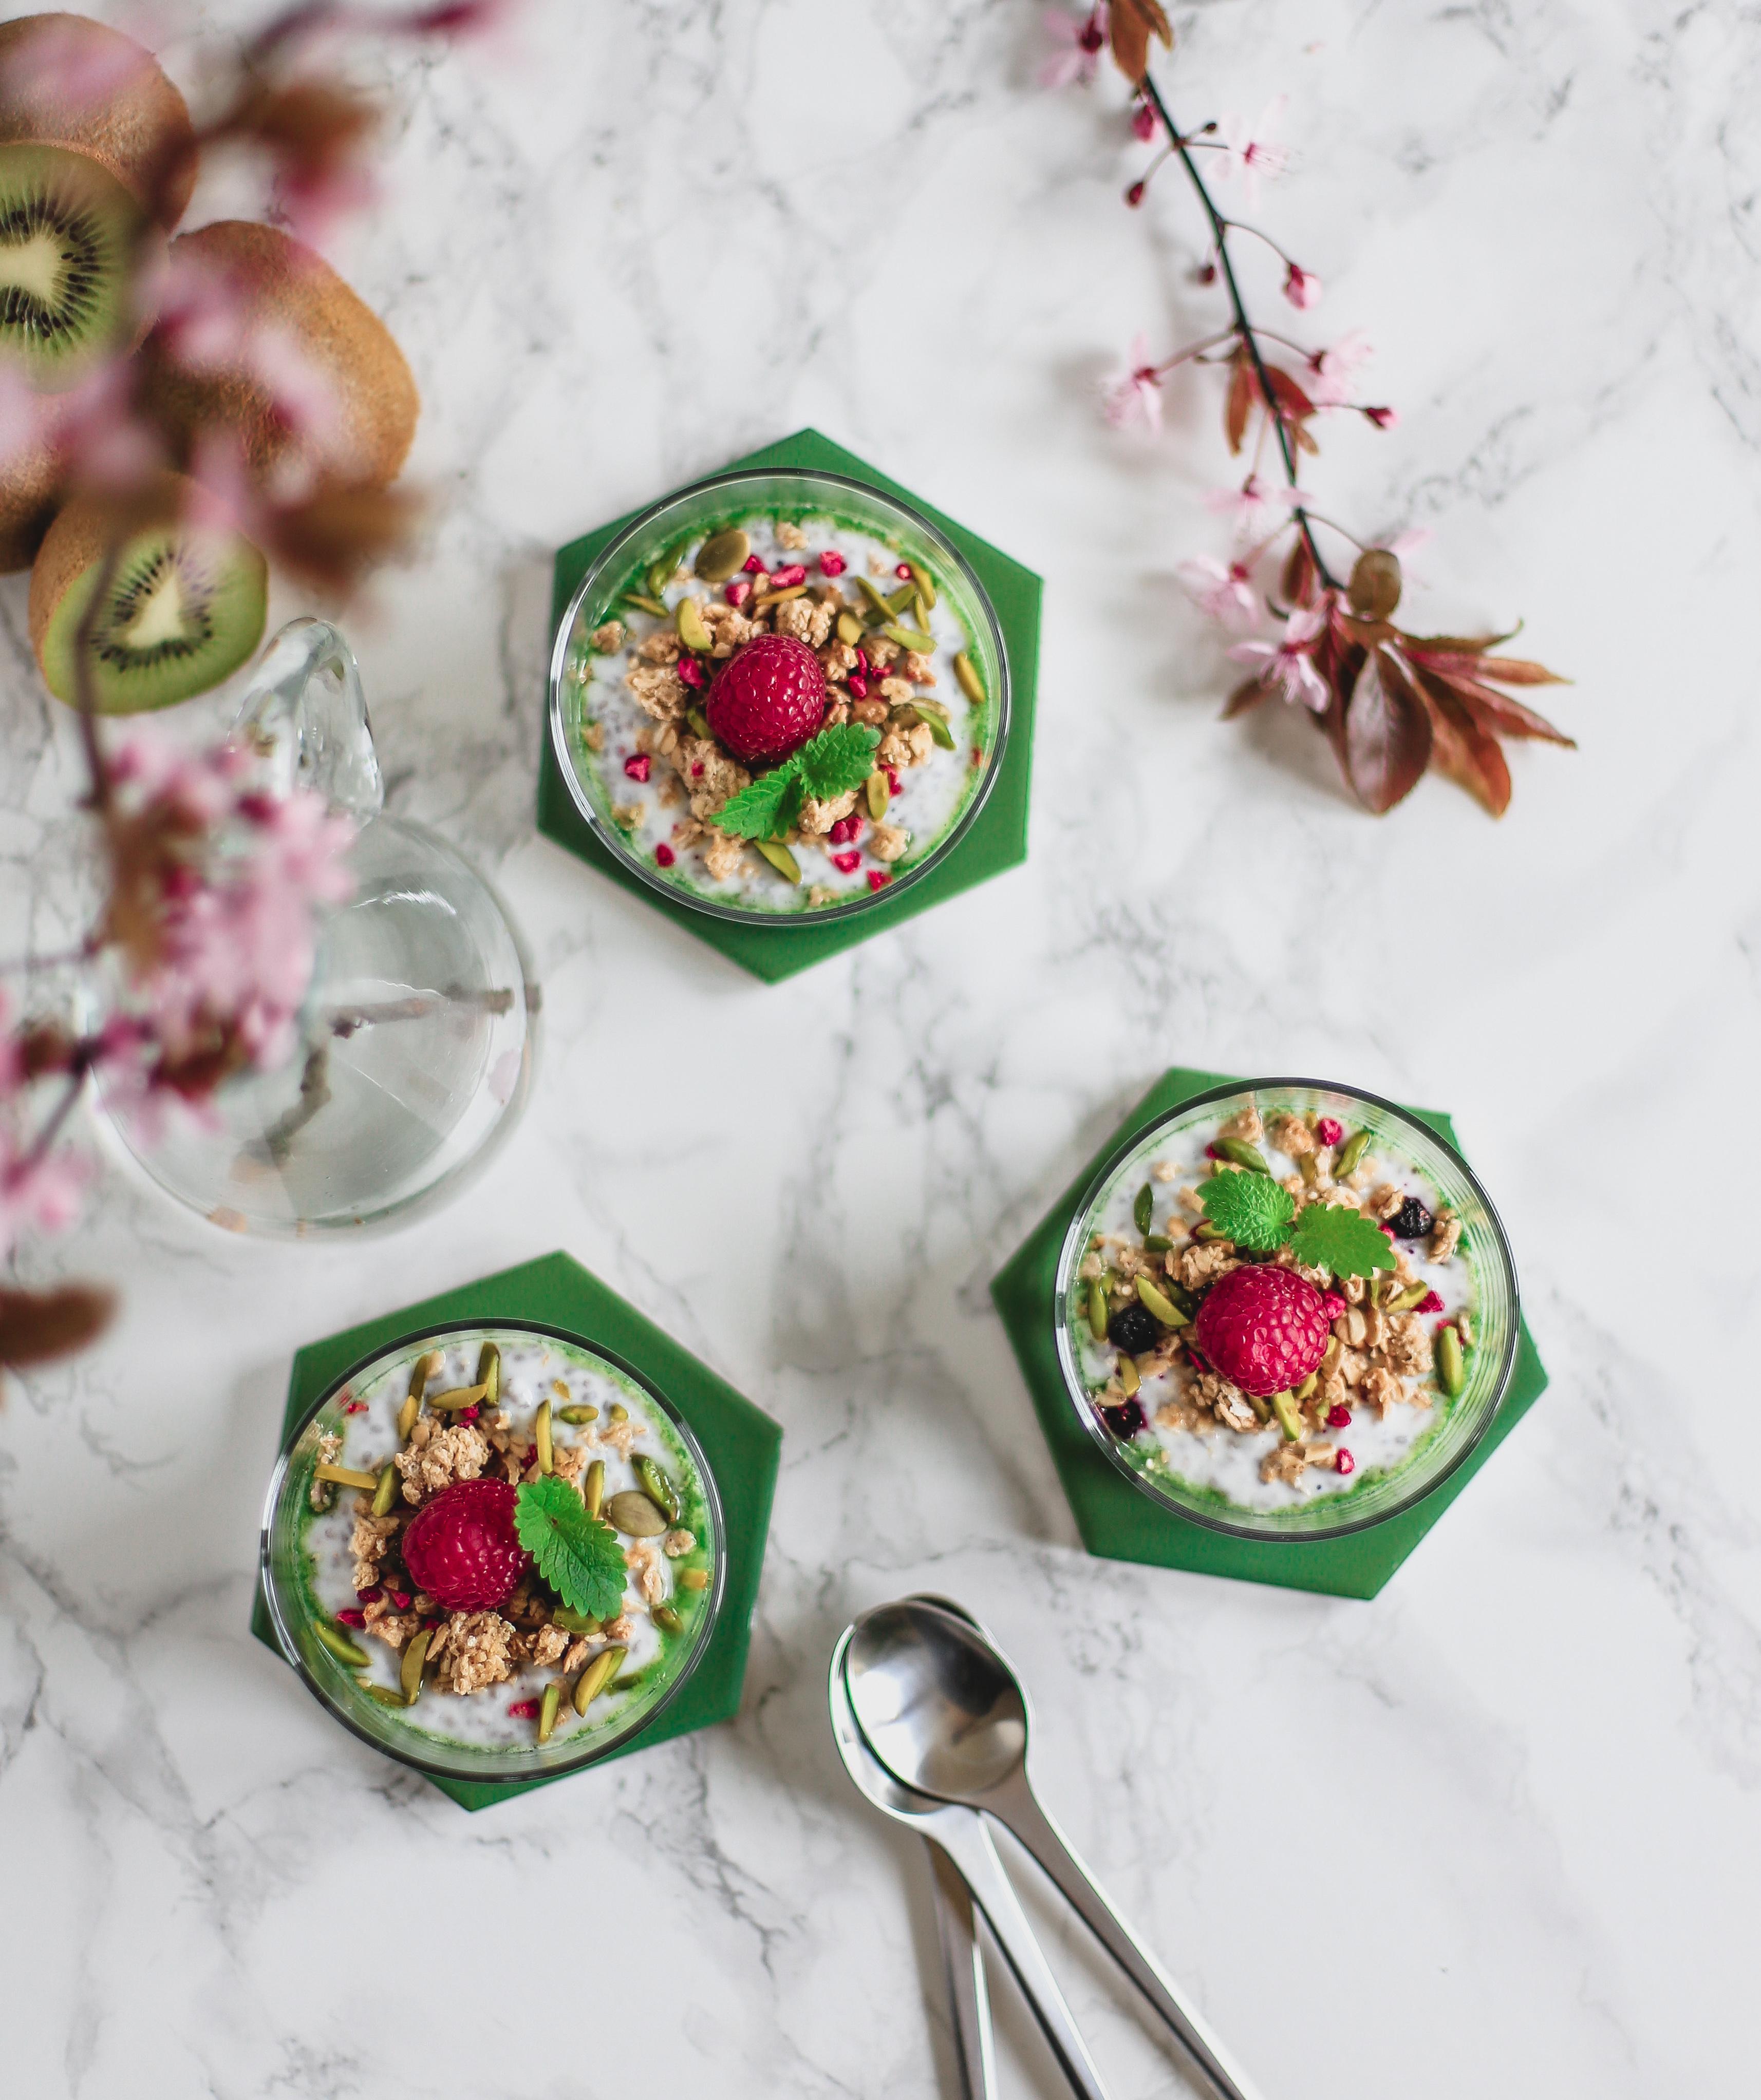 lette opskrifter på desserter